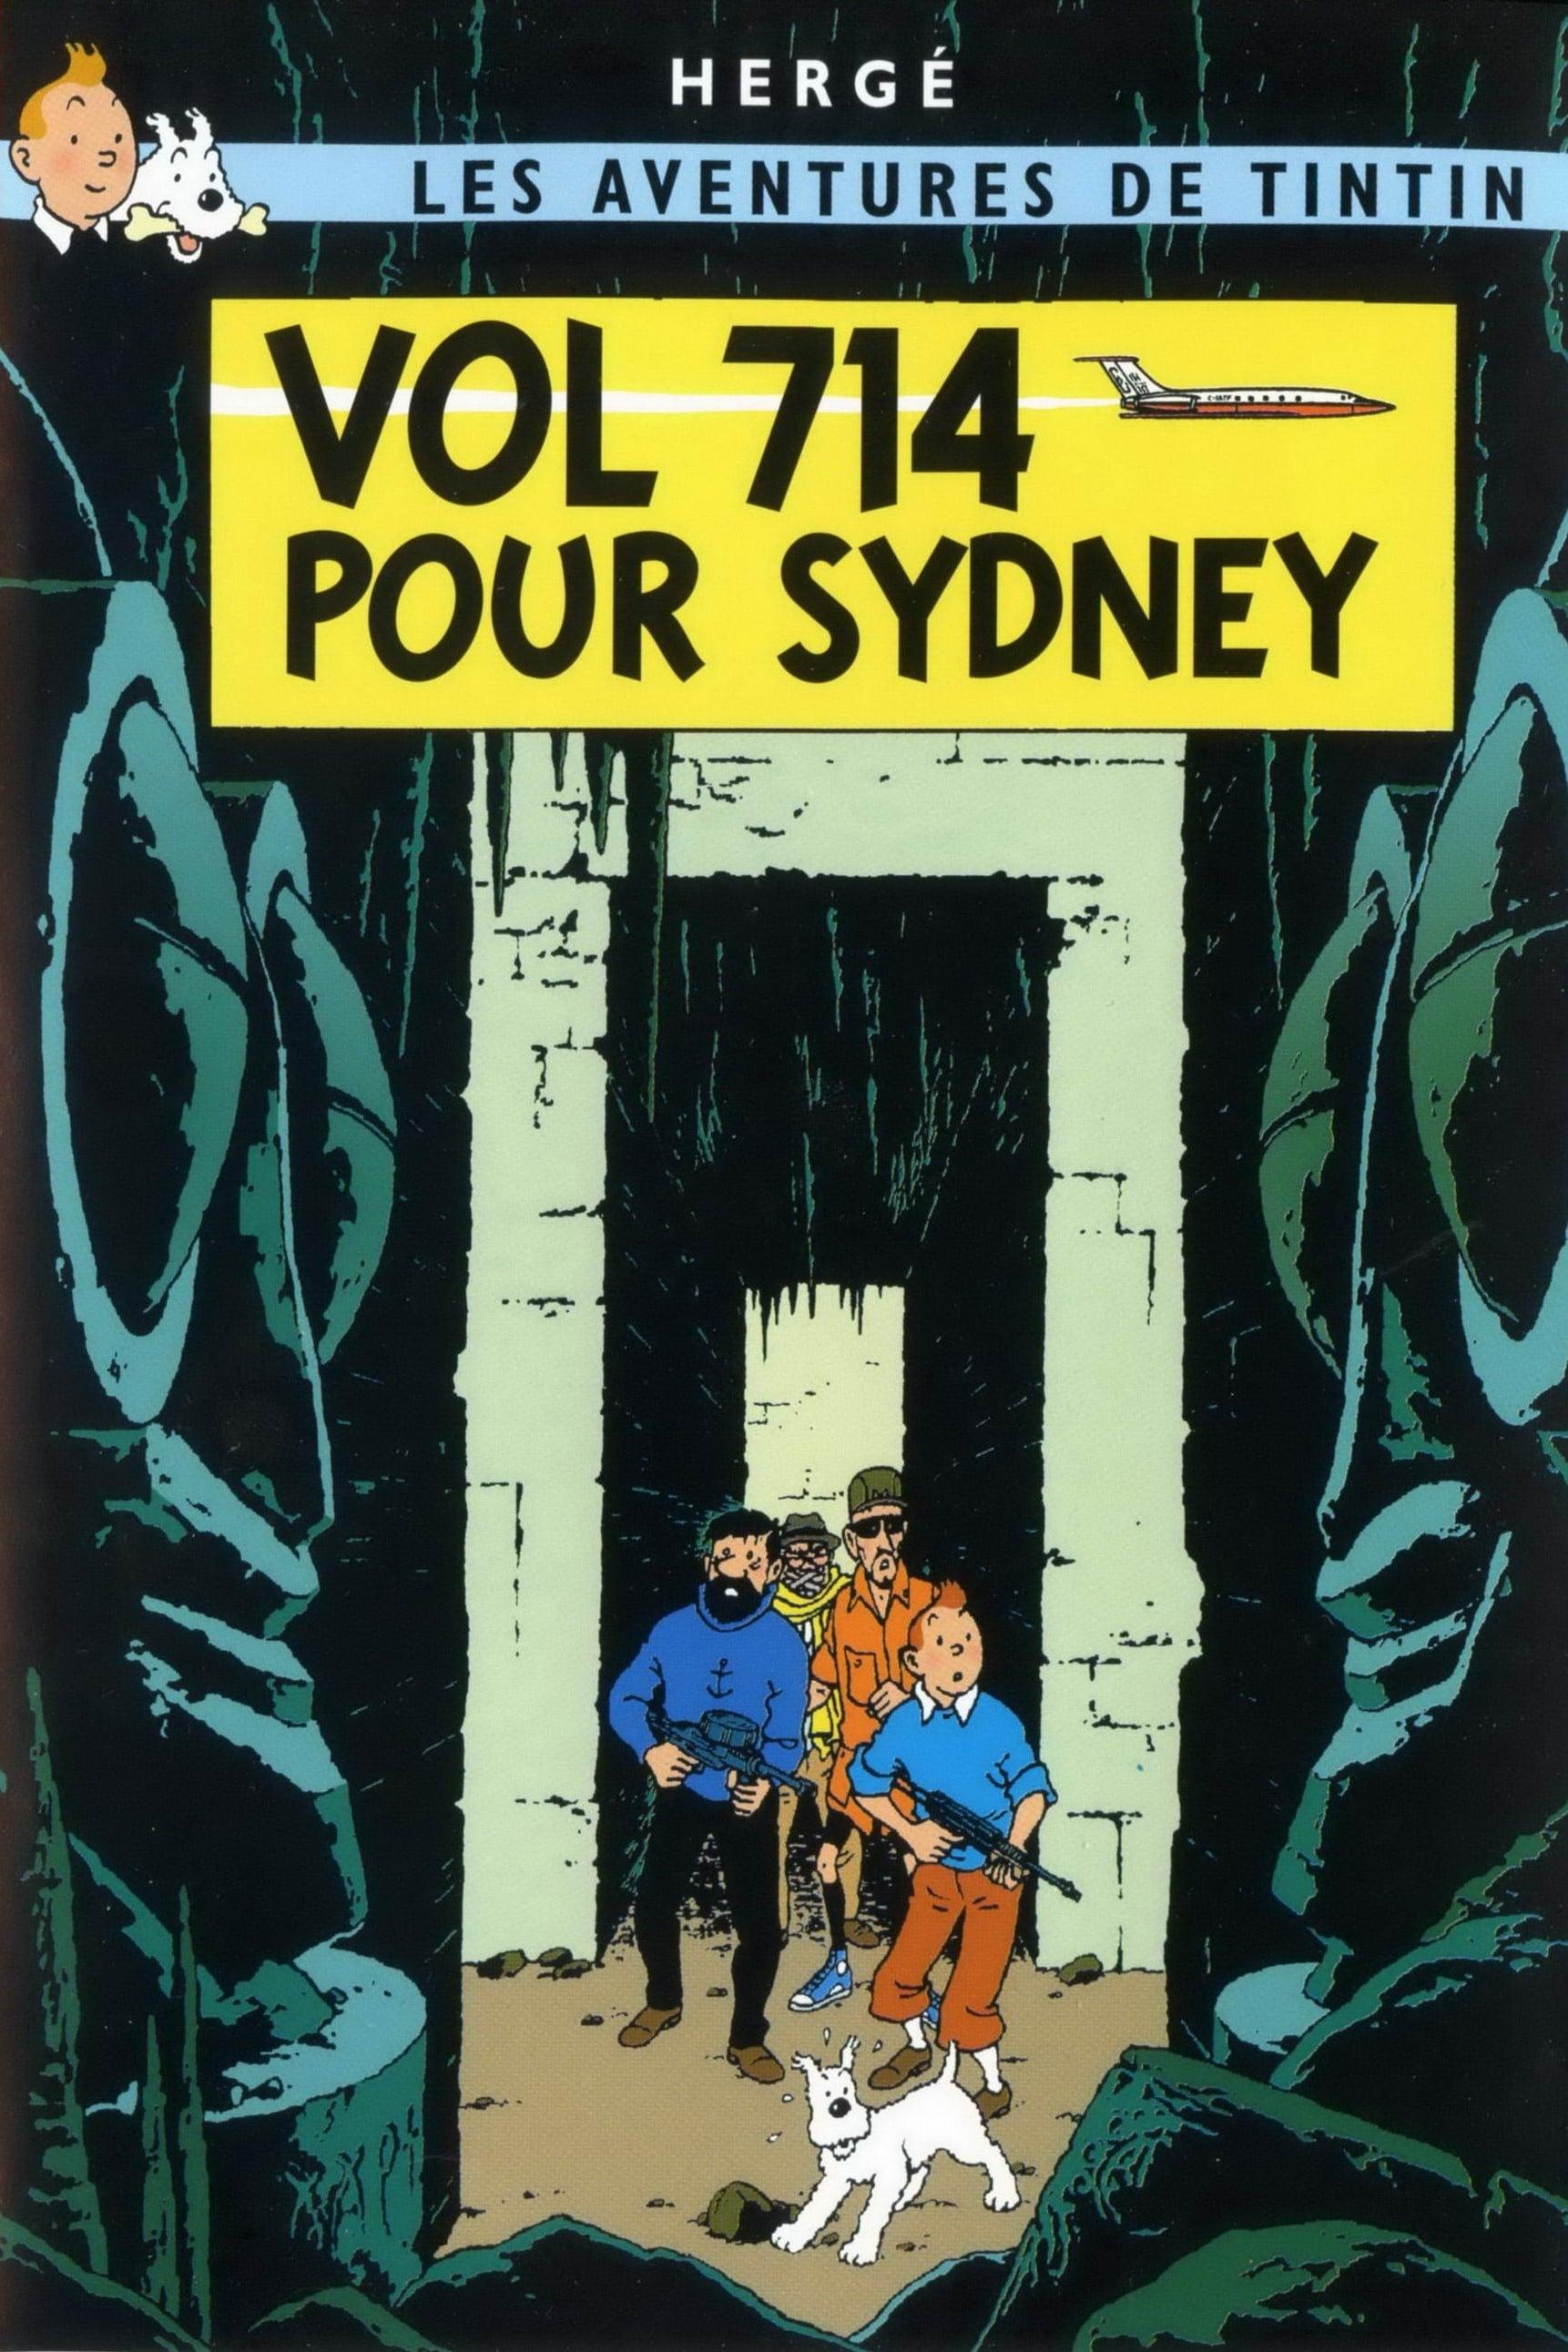 Les-Aventures-De-Tintin-20-Vol-714-Pour-Sydney-Flight-714-To